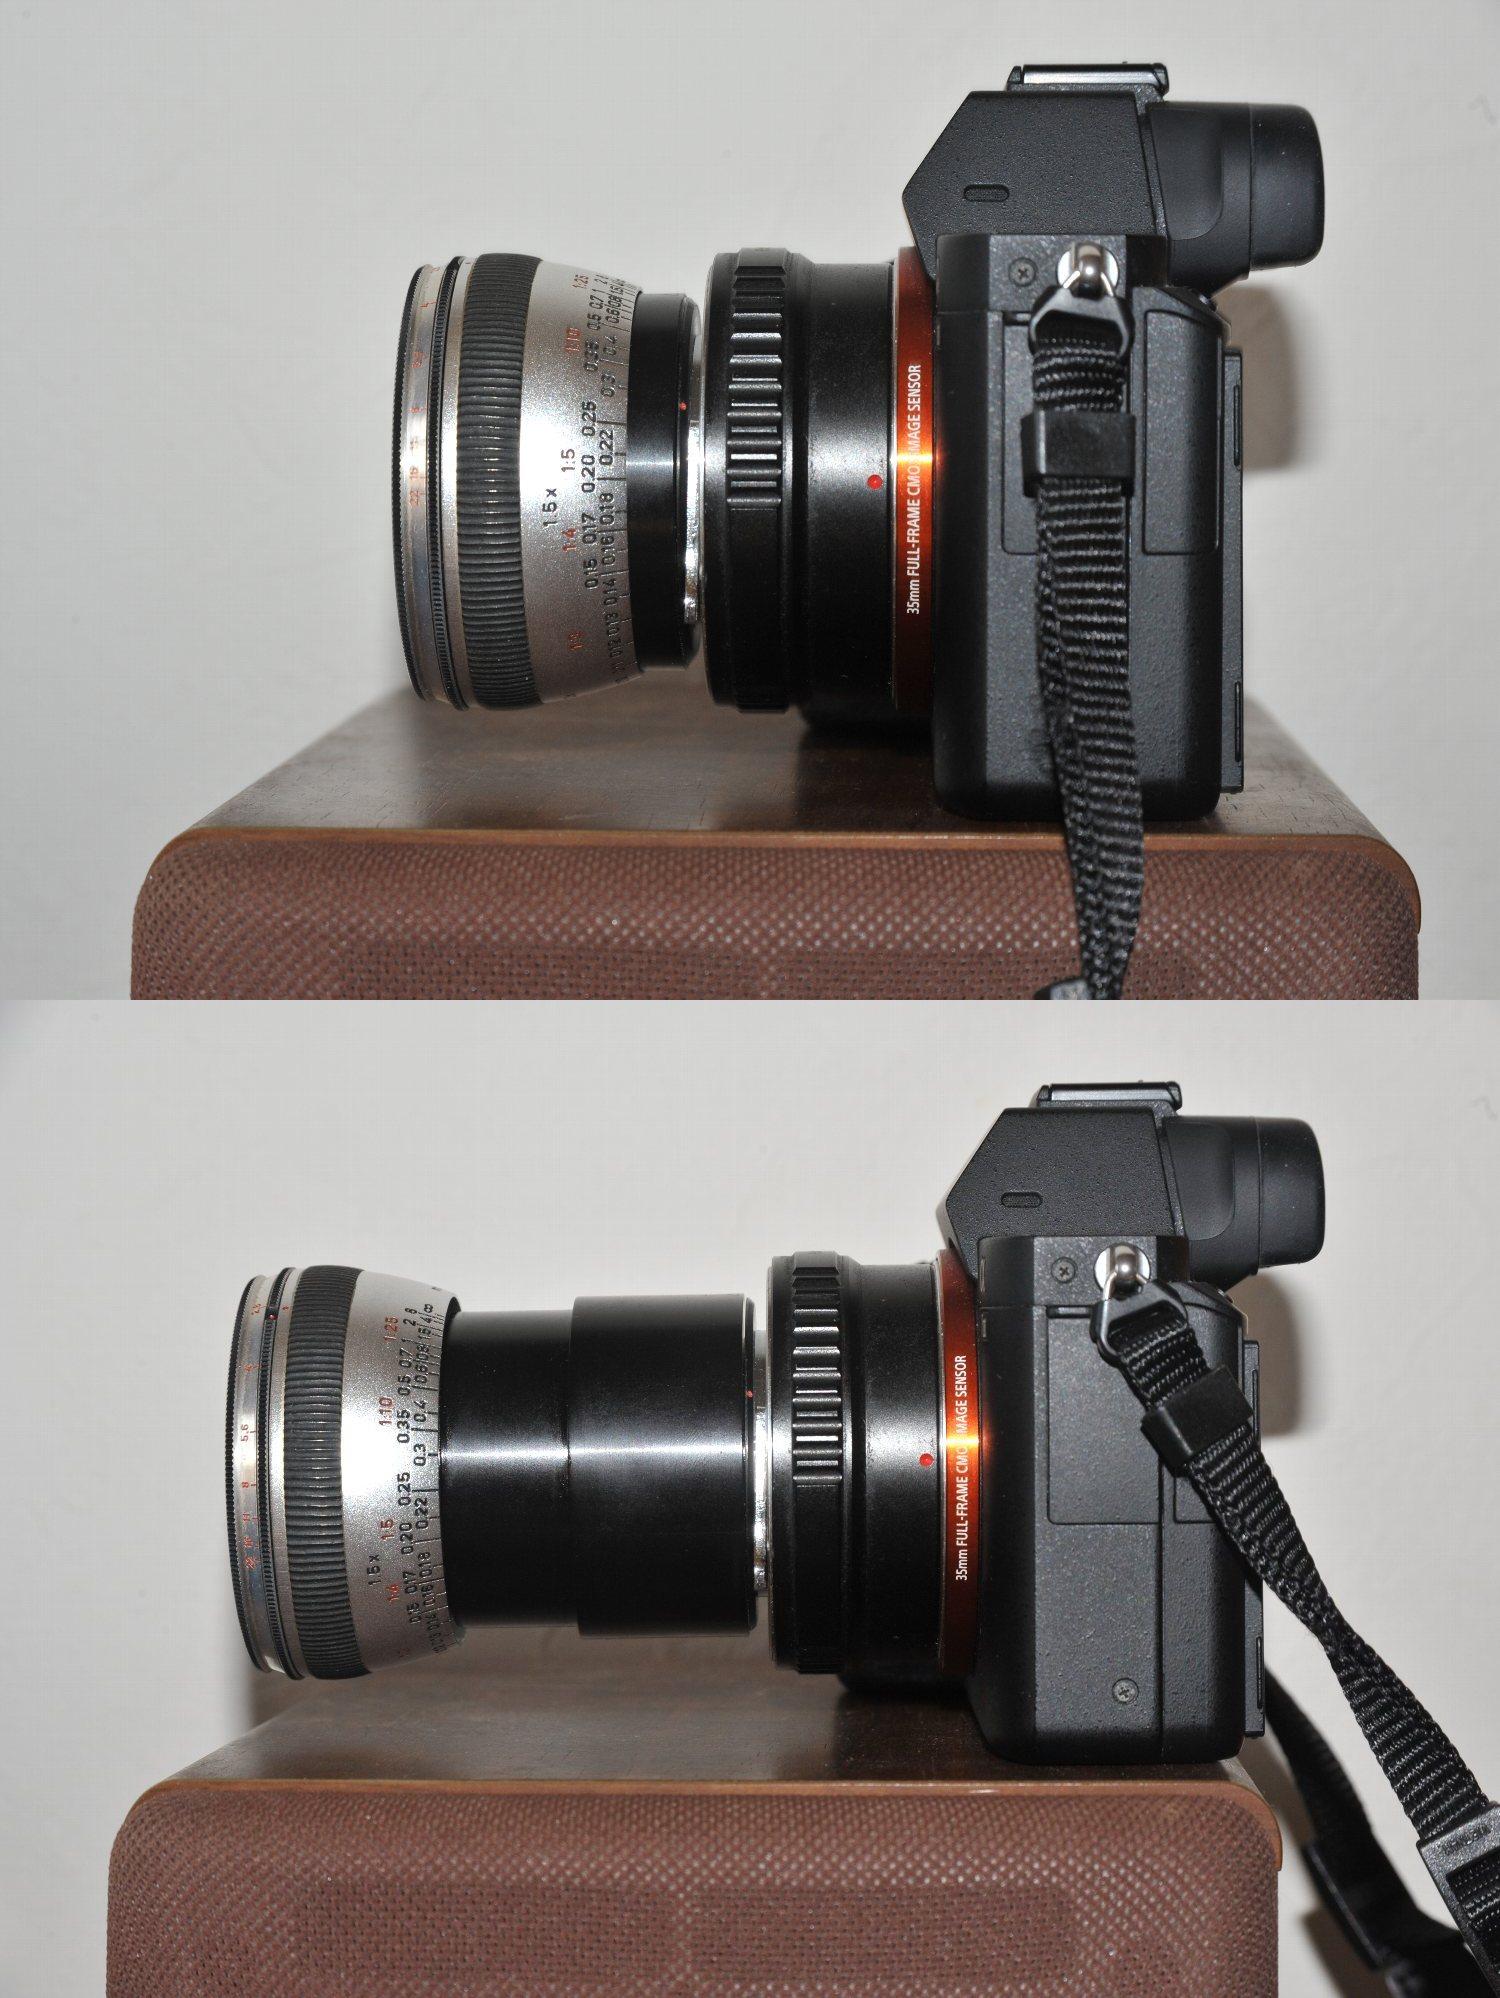 キルフィット マクロキラー D 40mmF2.8 で_b0069128_13403821.jpg